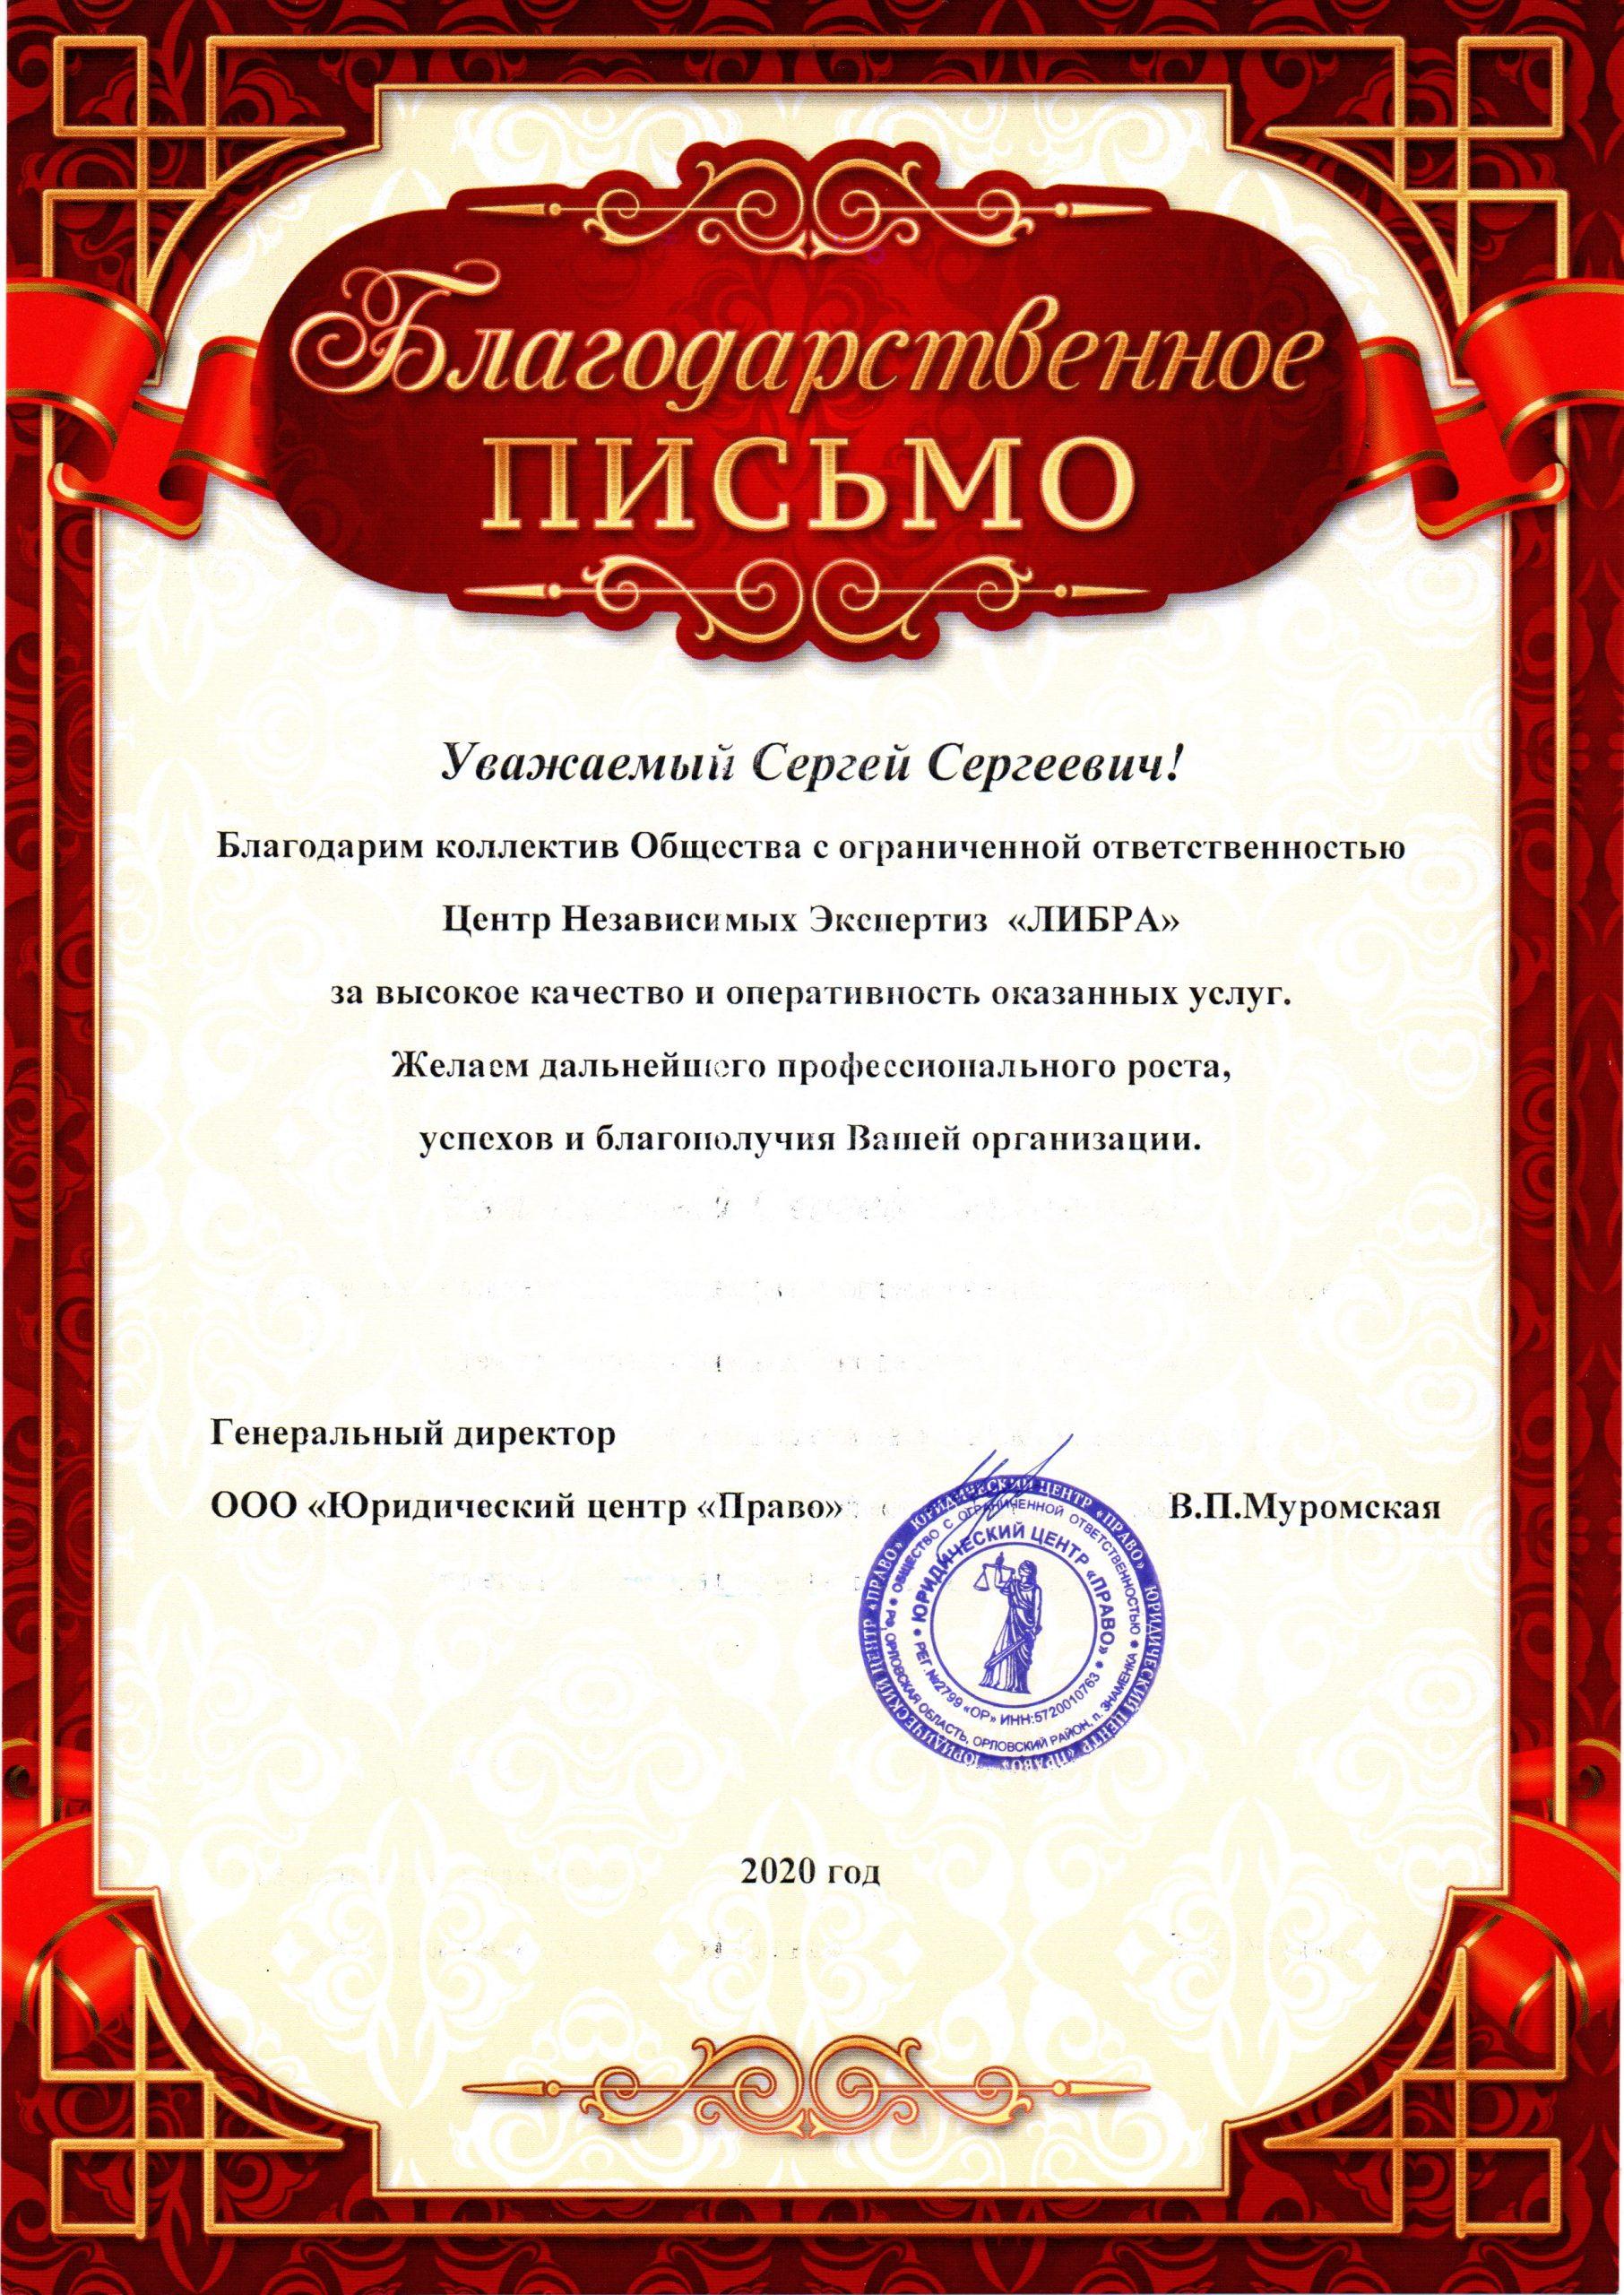 Благодарственное письмо ООО Юр. центр Право